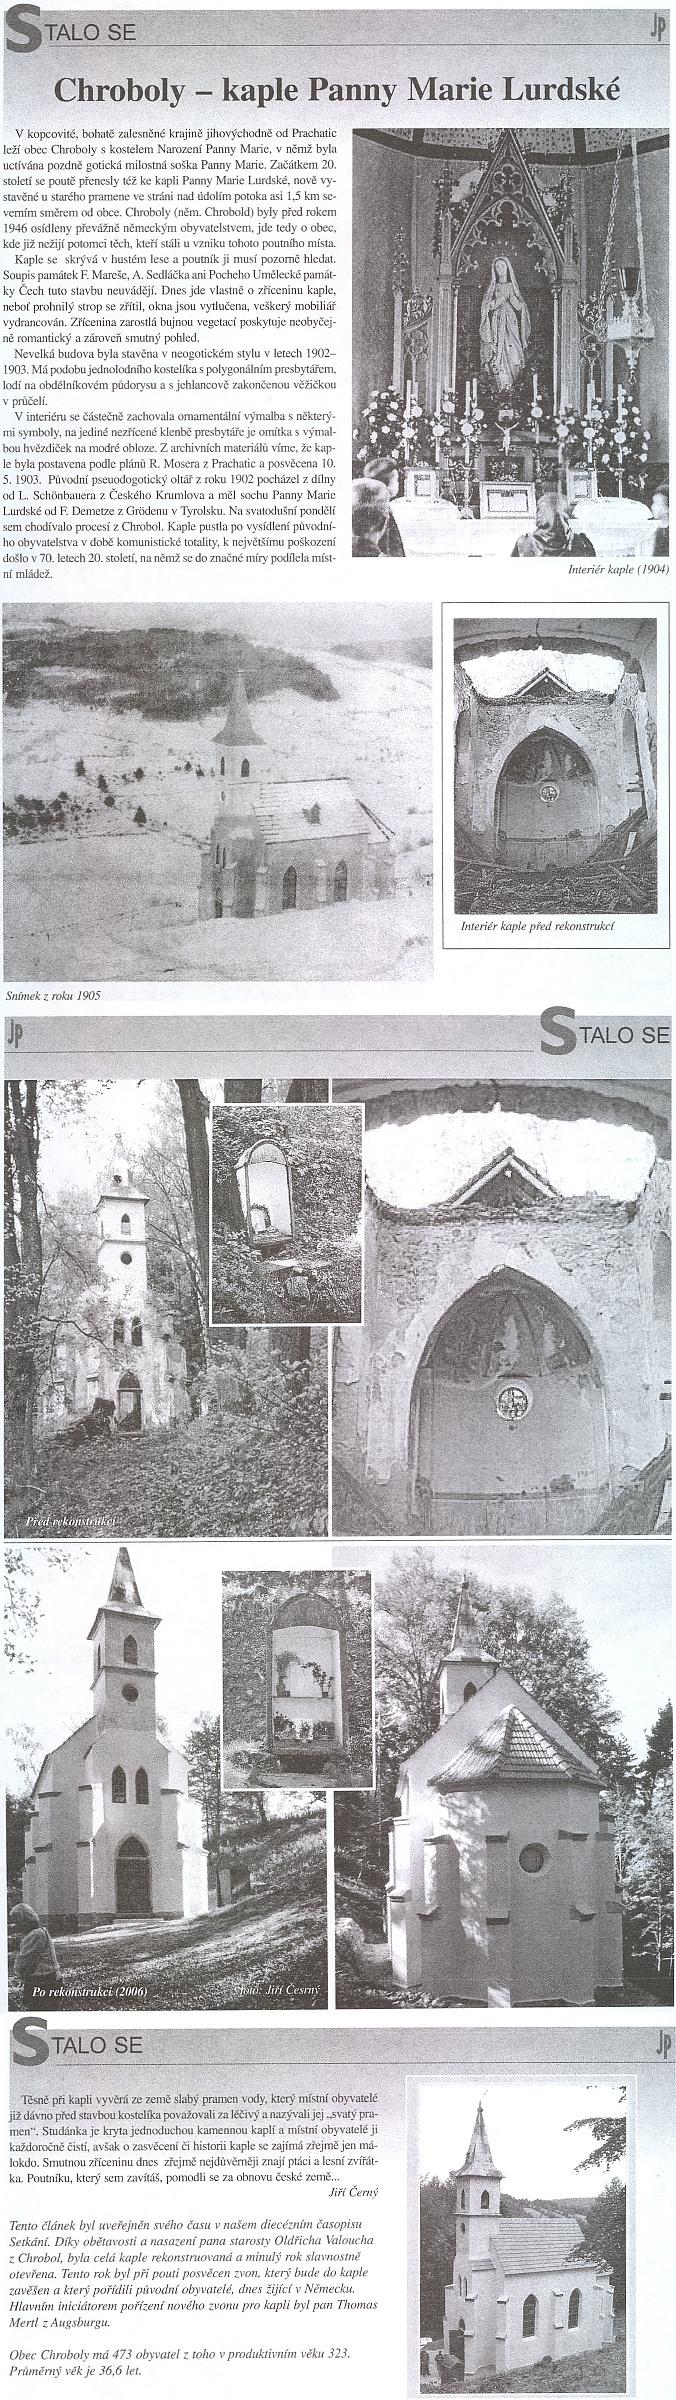 Článek o kapli Panny Marie Lurdské u Chrobol, jejím otevření po obnově v roce 2006 a vysvěcení nového zvonu roku následujícího se zmínkou Mertlova jména v závěru